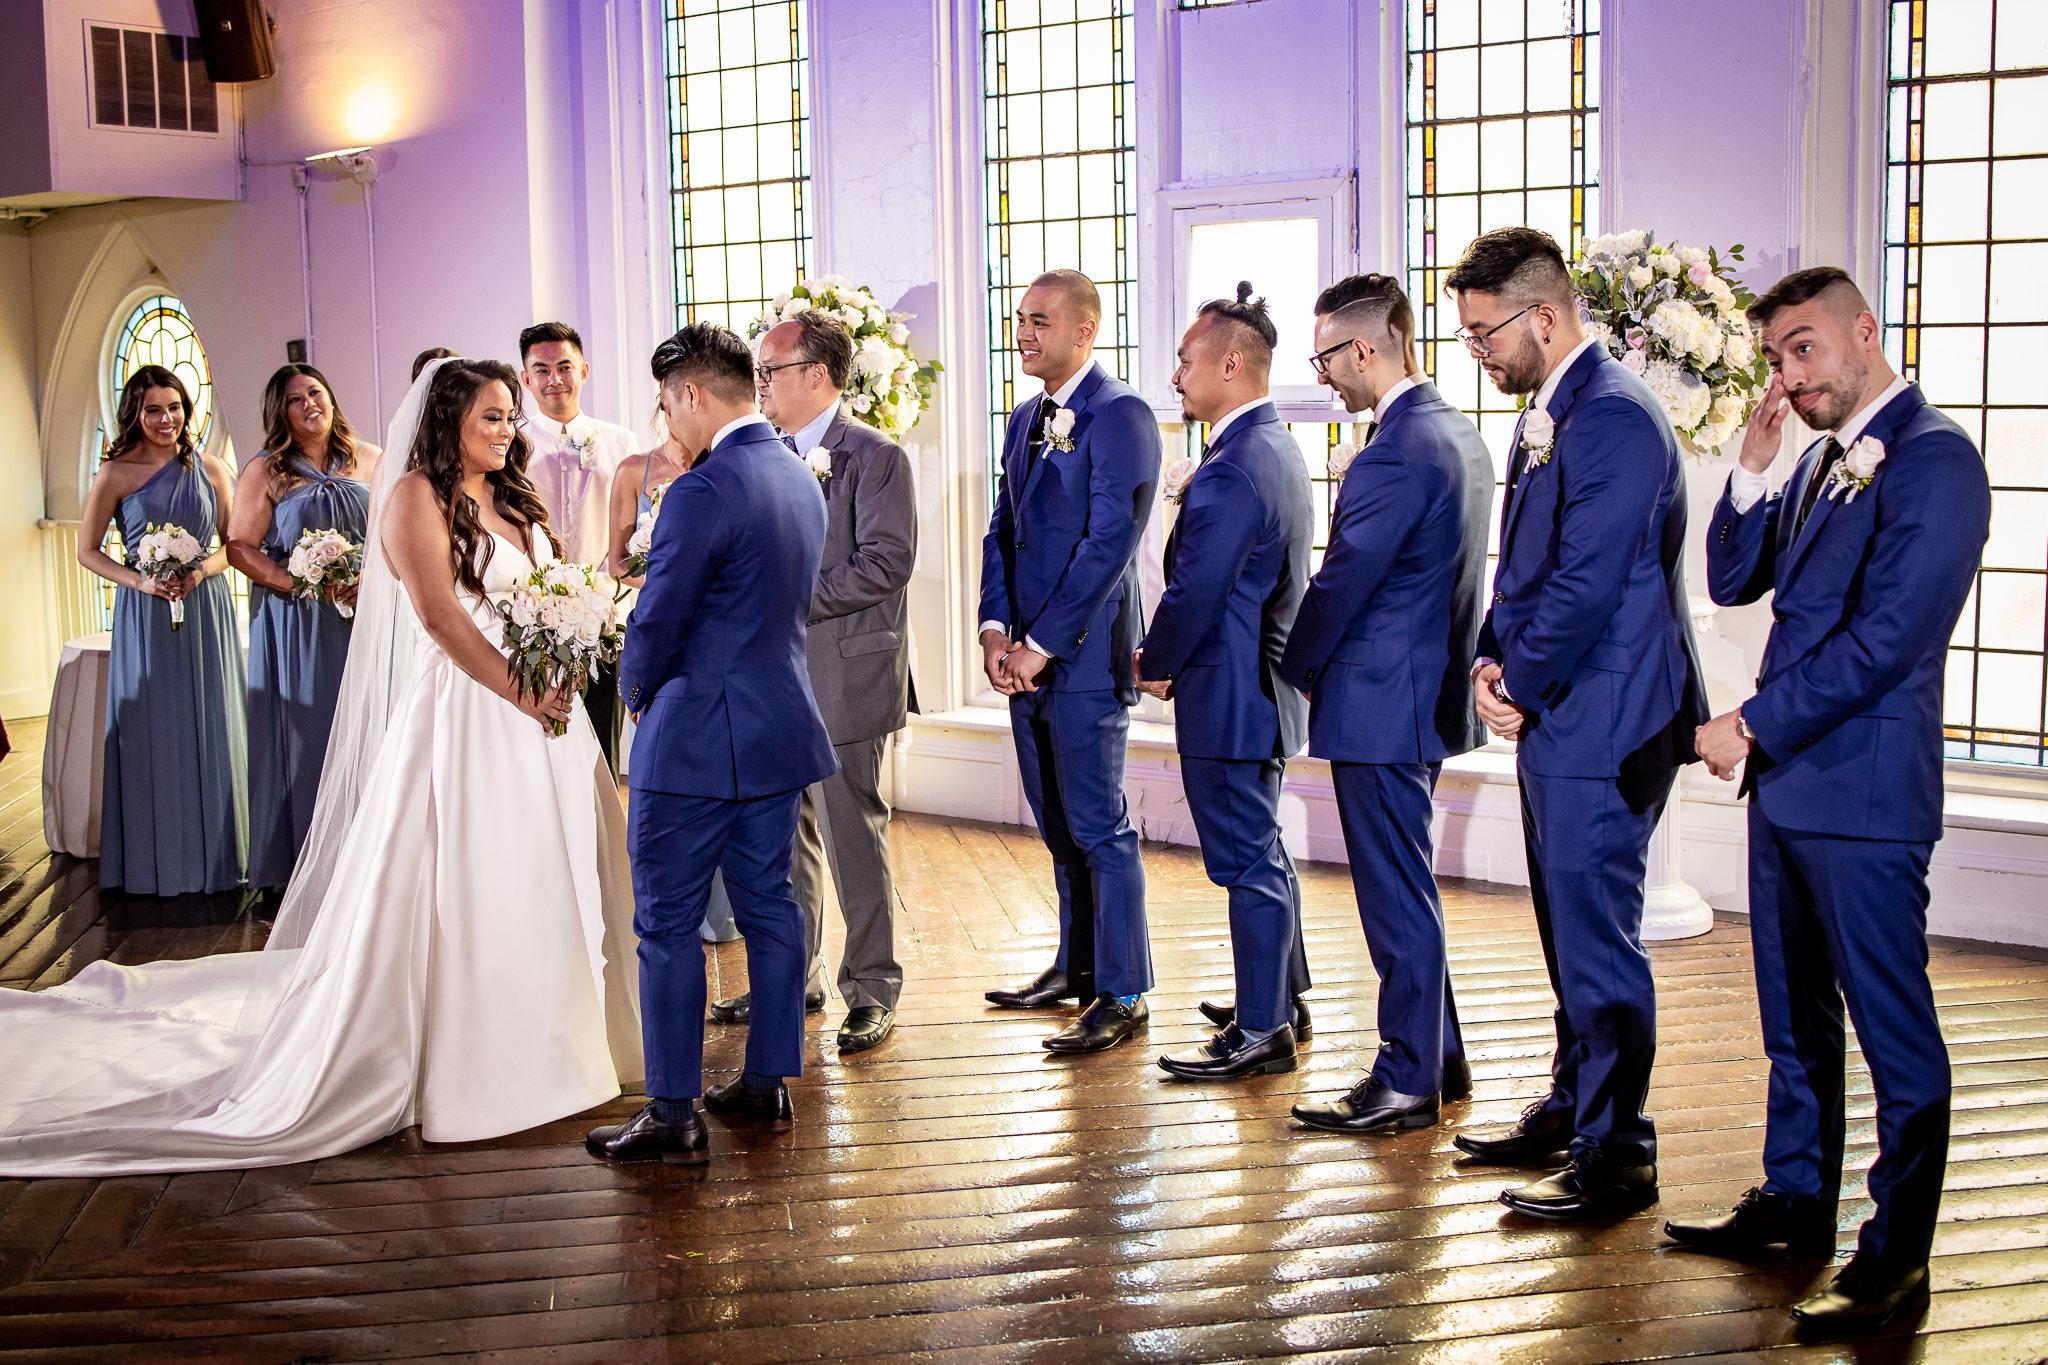 berkeley-wedding-photos-40.jpg